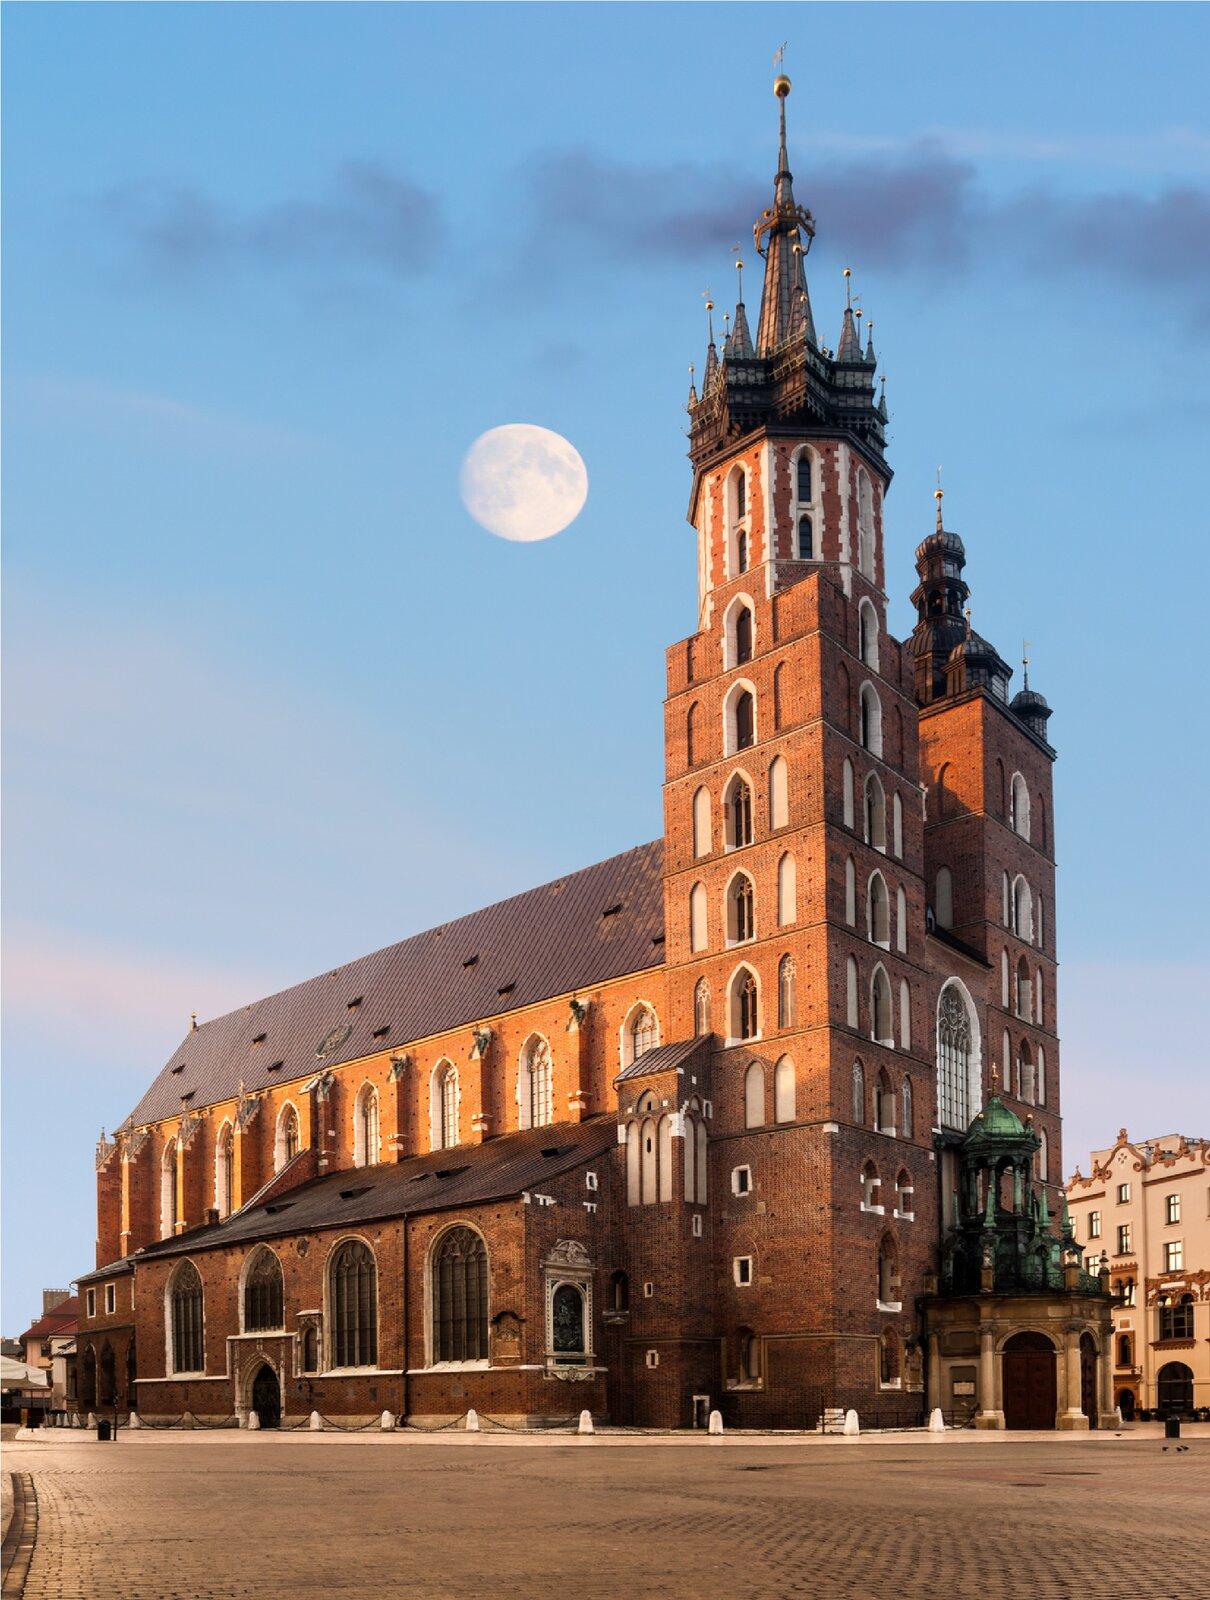 Ilustracja przedstawia Kościół Mariacki wKrakowie. Na zdjęciu ukazana jest budowla gotycka zczerwonej cegły zdwoma, nierównej wysokości wieżami we frontowej części. Wieża zlewej strony jest wyższa. Wieńczy ją gotycki hełm składający się zośmiobocznej, zaostrzonej iglicy, otoczonej ośmioma niższymi wieżyczkami. Niższa wieża po prawej jest prostsza wswej formie. Na froncie bazyliki znajduje się prowadząca do wnętrza barokowa kruchta zwieńczona ażurową wieżyczką. Liczne okna zakończone są ugóry charakterystycznym dla gotyku ostrym łukiem. Budowla ustawiona jest na krakowskim rynku. Nad nią, na tle nieba świeci duża tarcza księżyca.